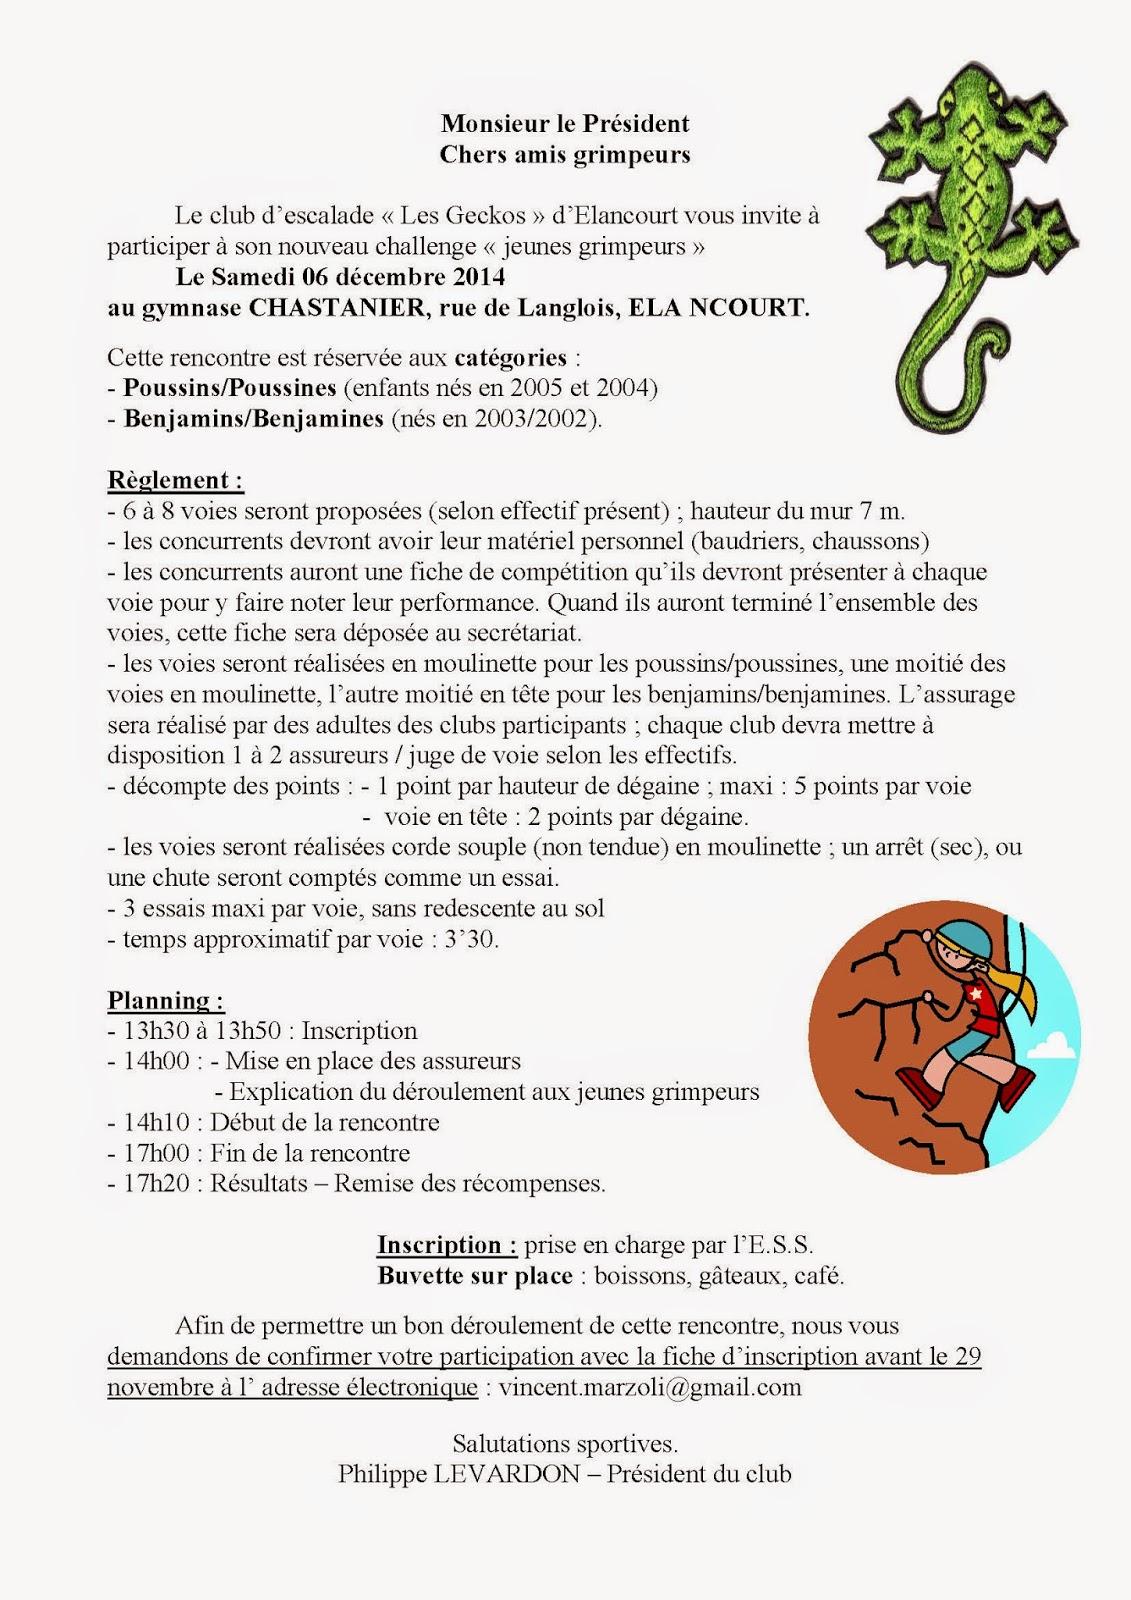 Rencontres elancourt